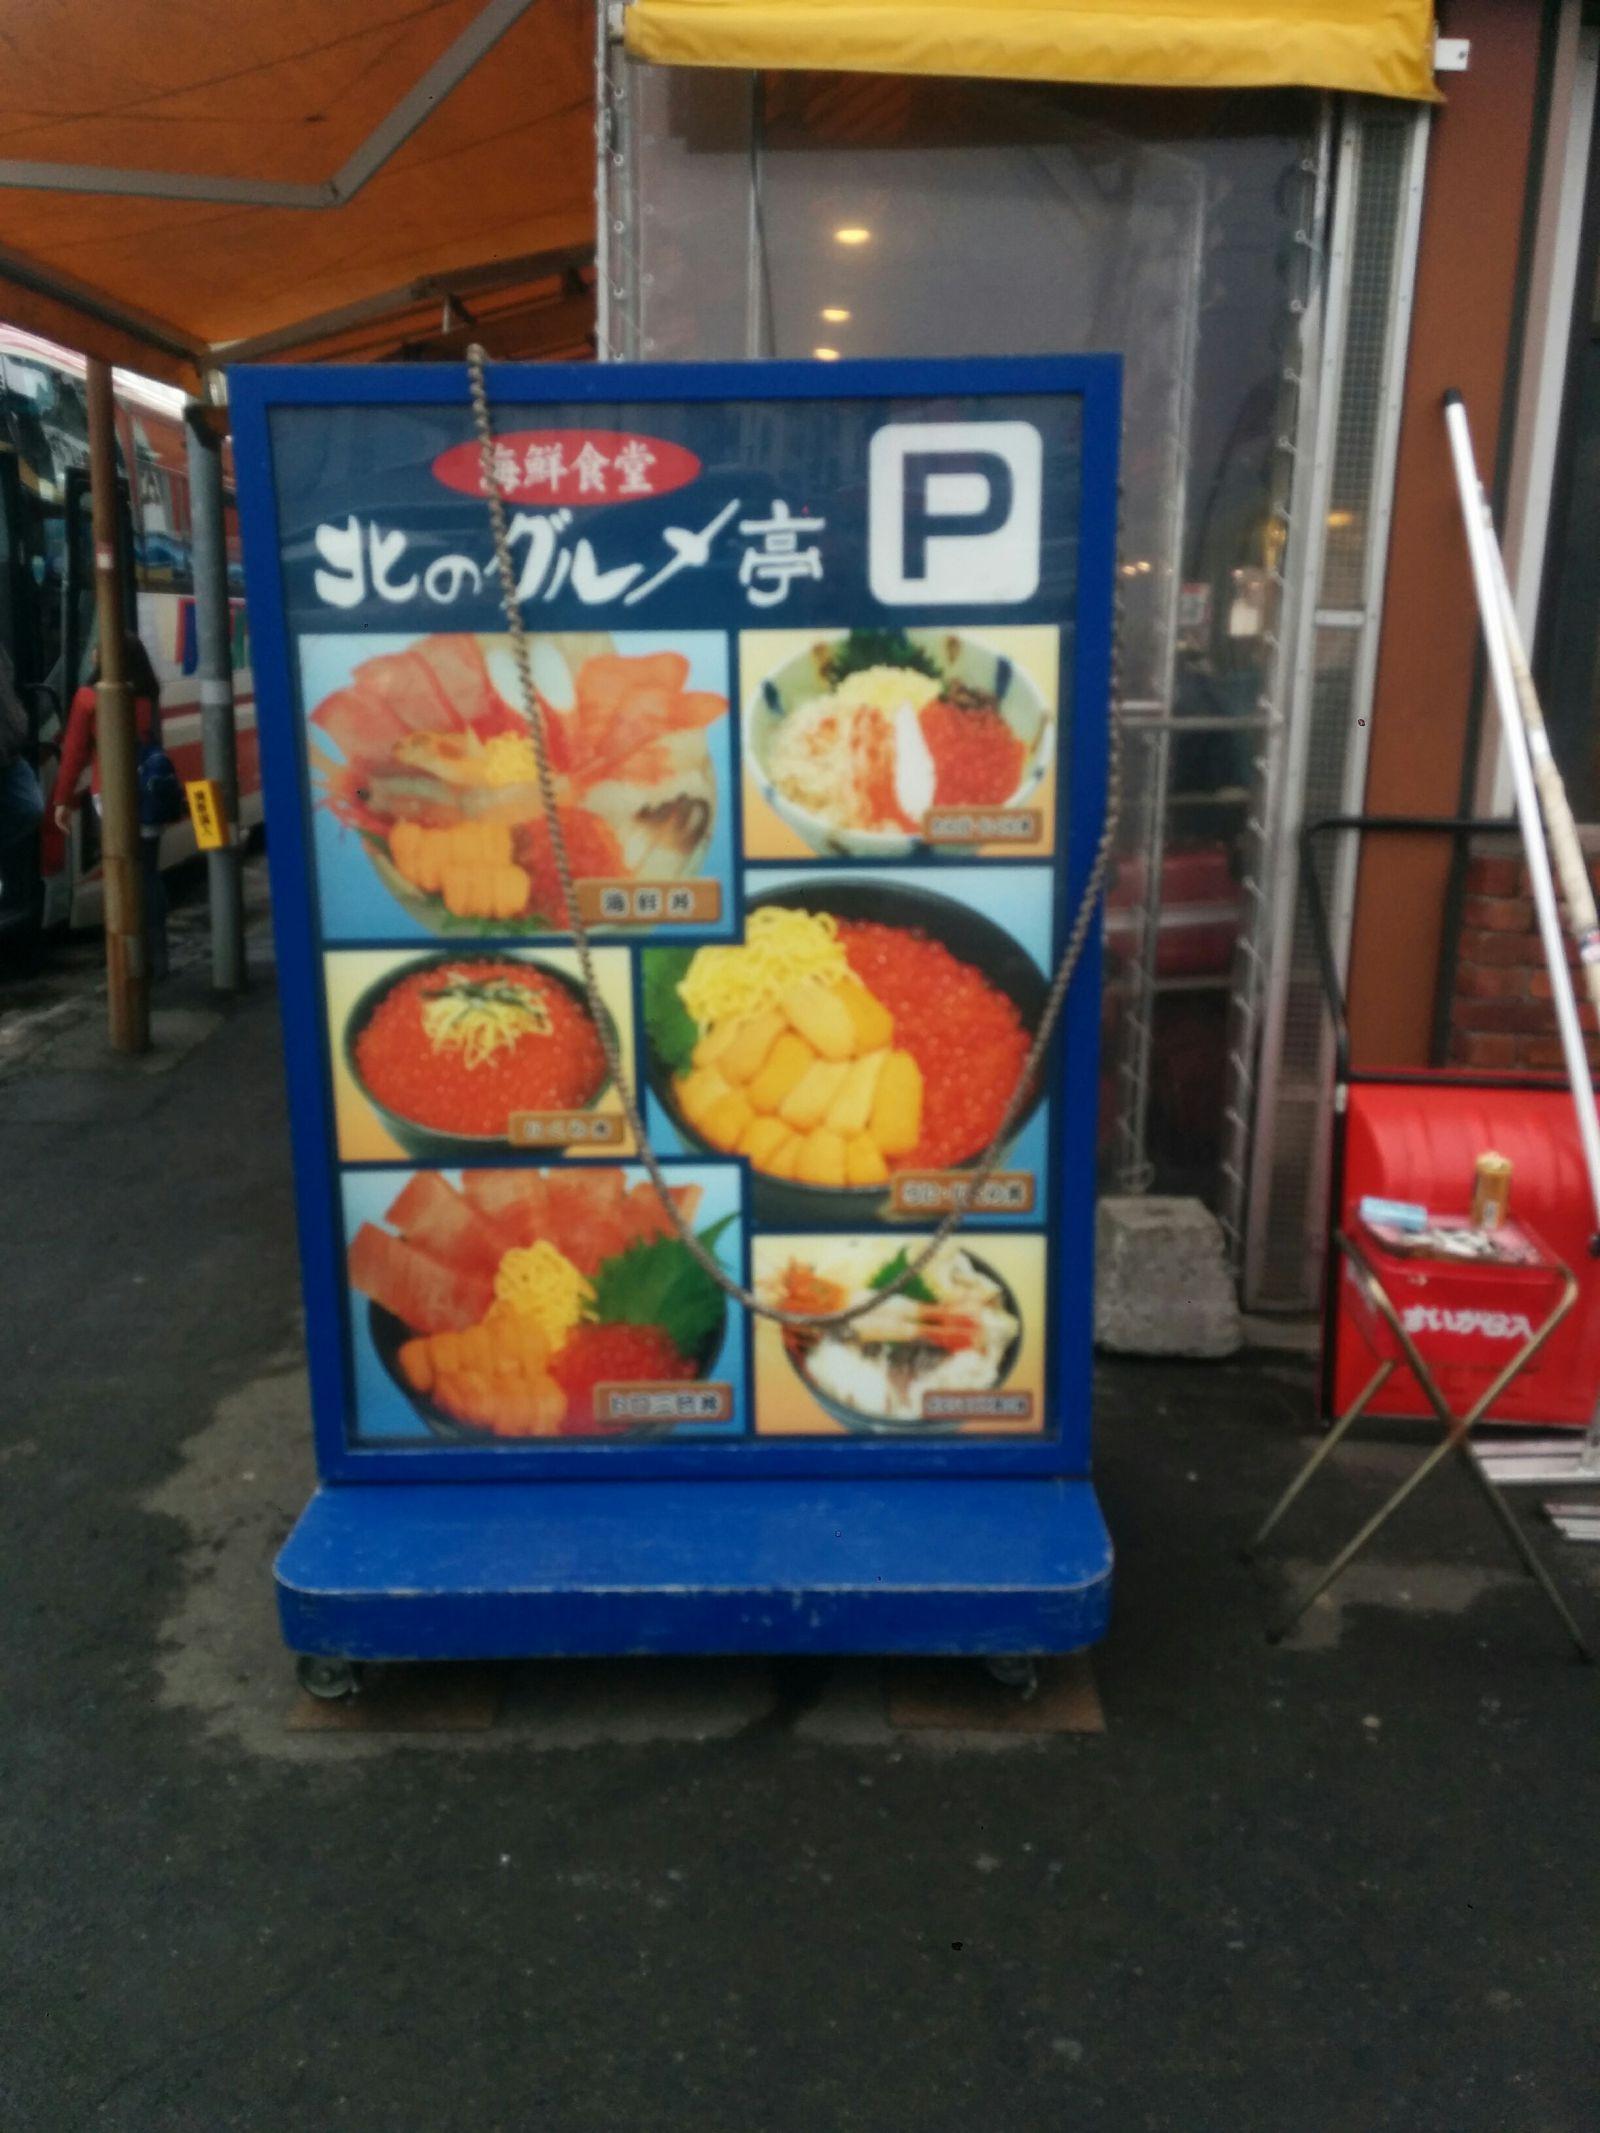 【札幌市】場外市場・北のグルメ亭観光グルメ案内です。